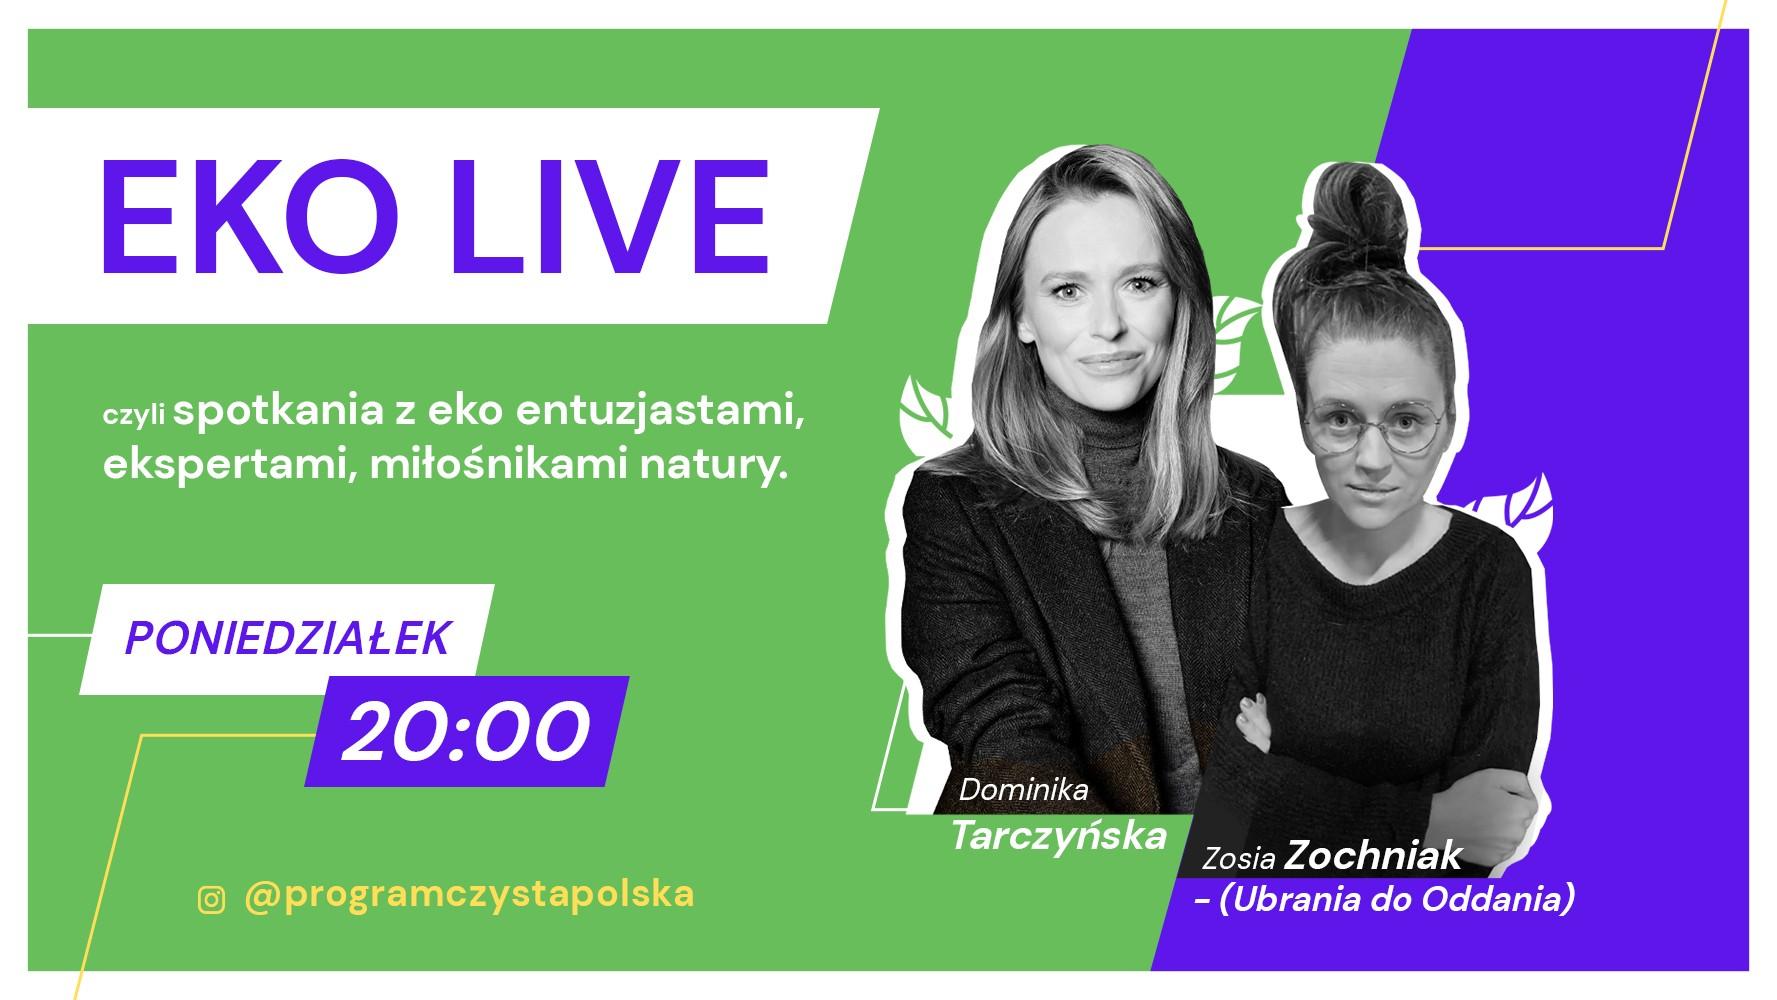 Zosia Zochniak na EKO LIVE: Ubrania, zdrowie i środowisko